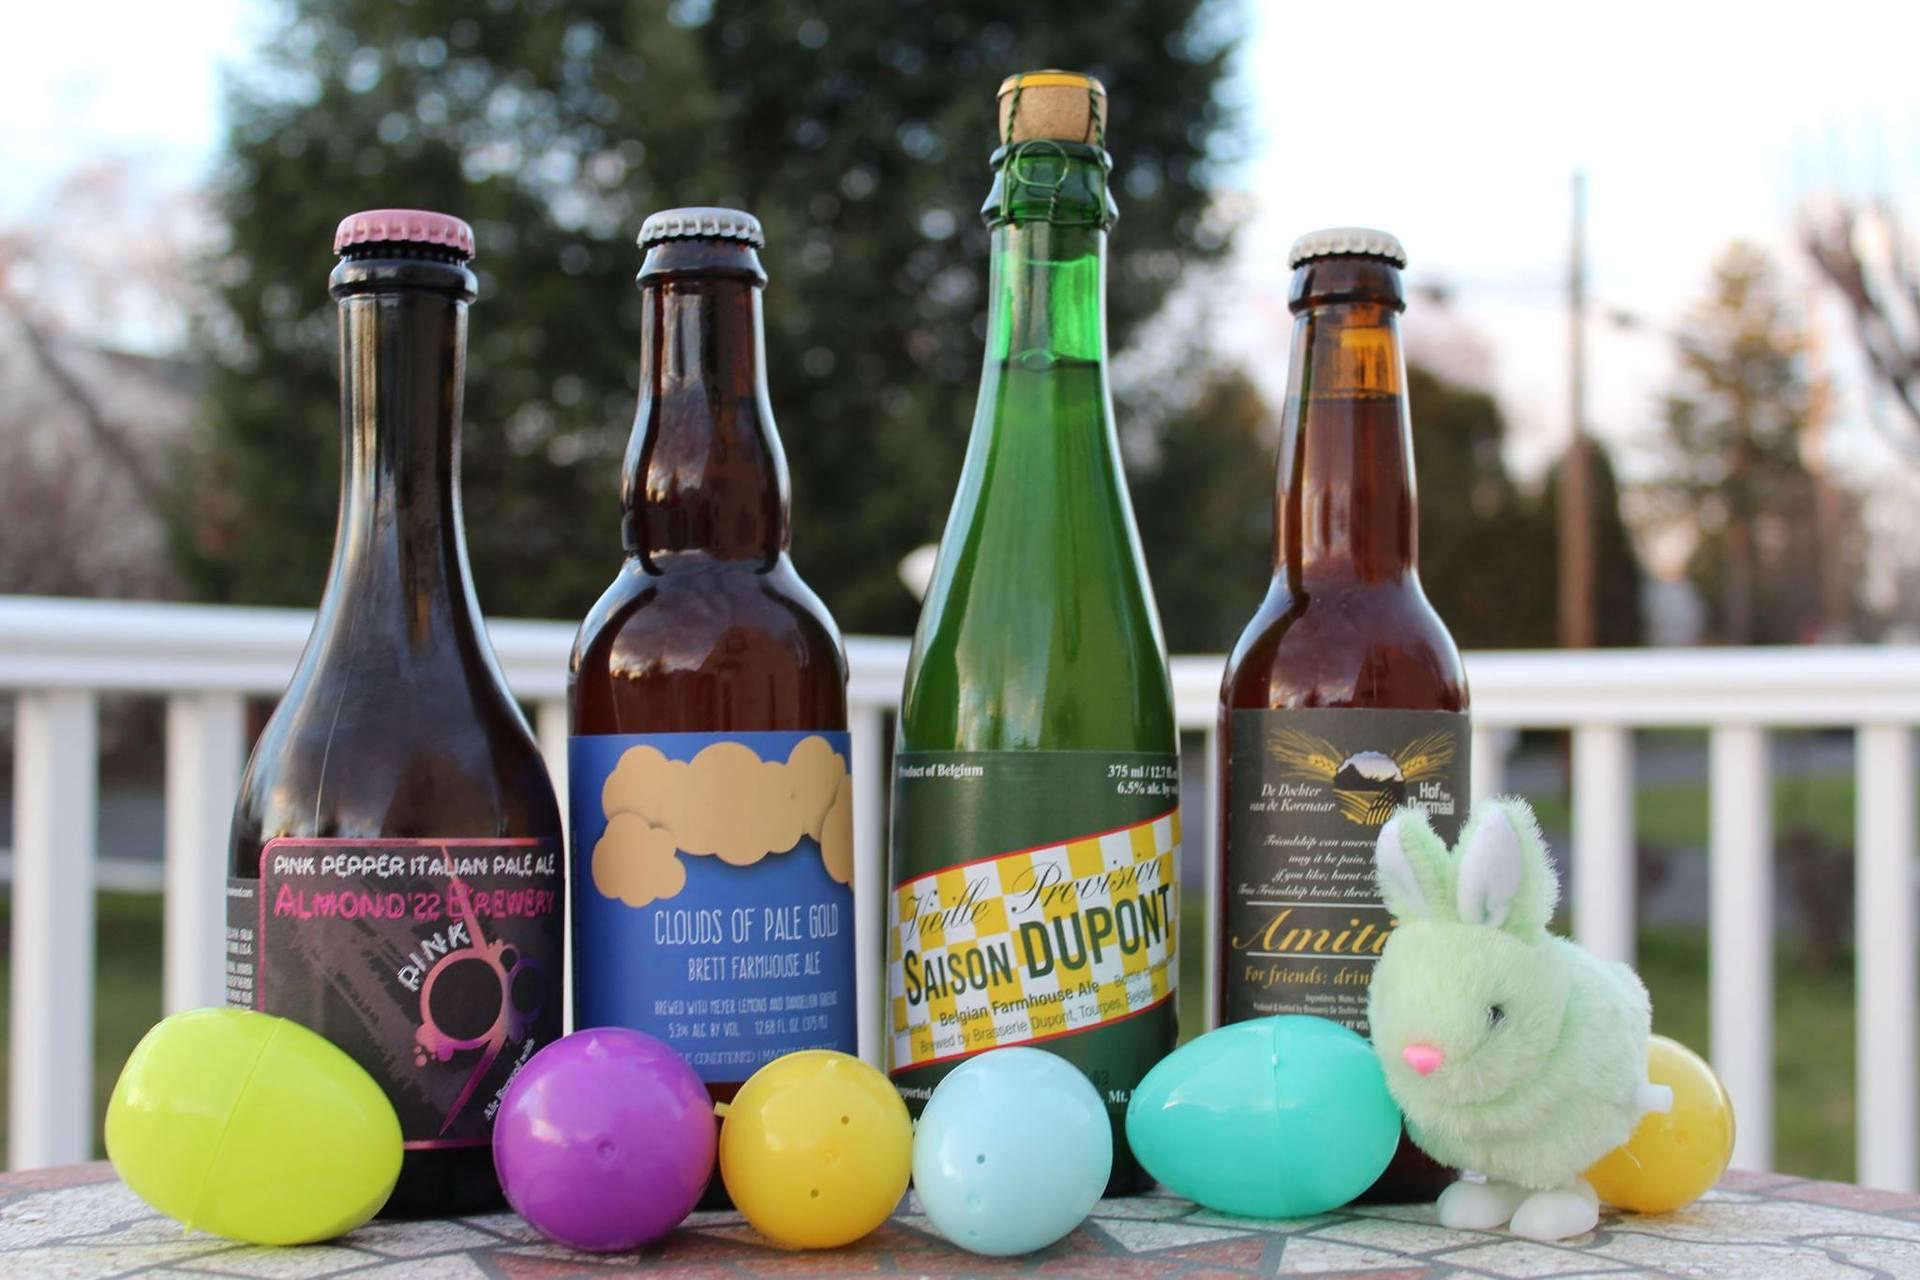 EasterBeer.jpg